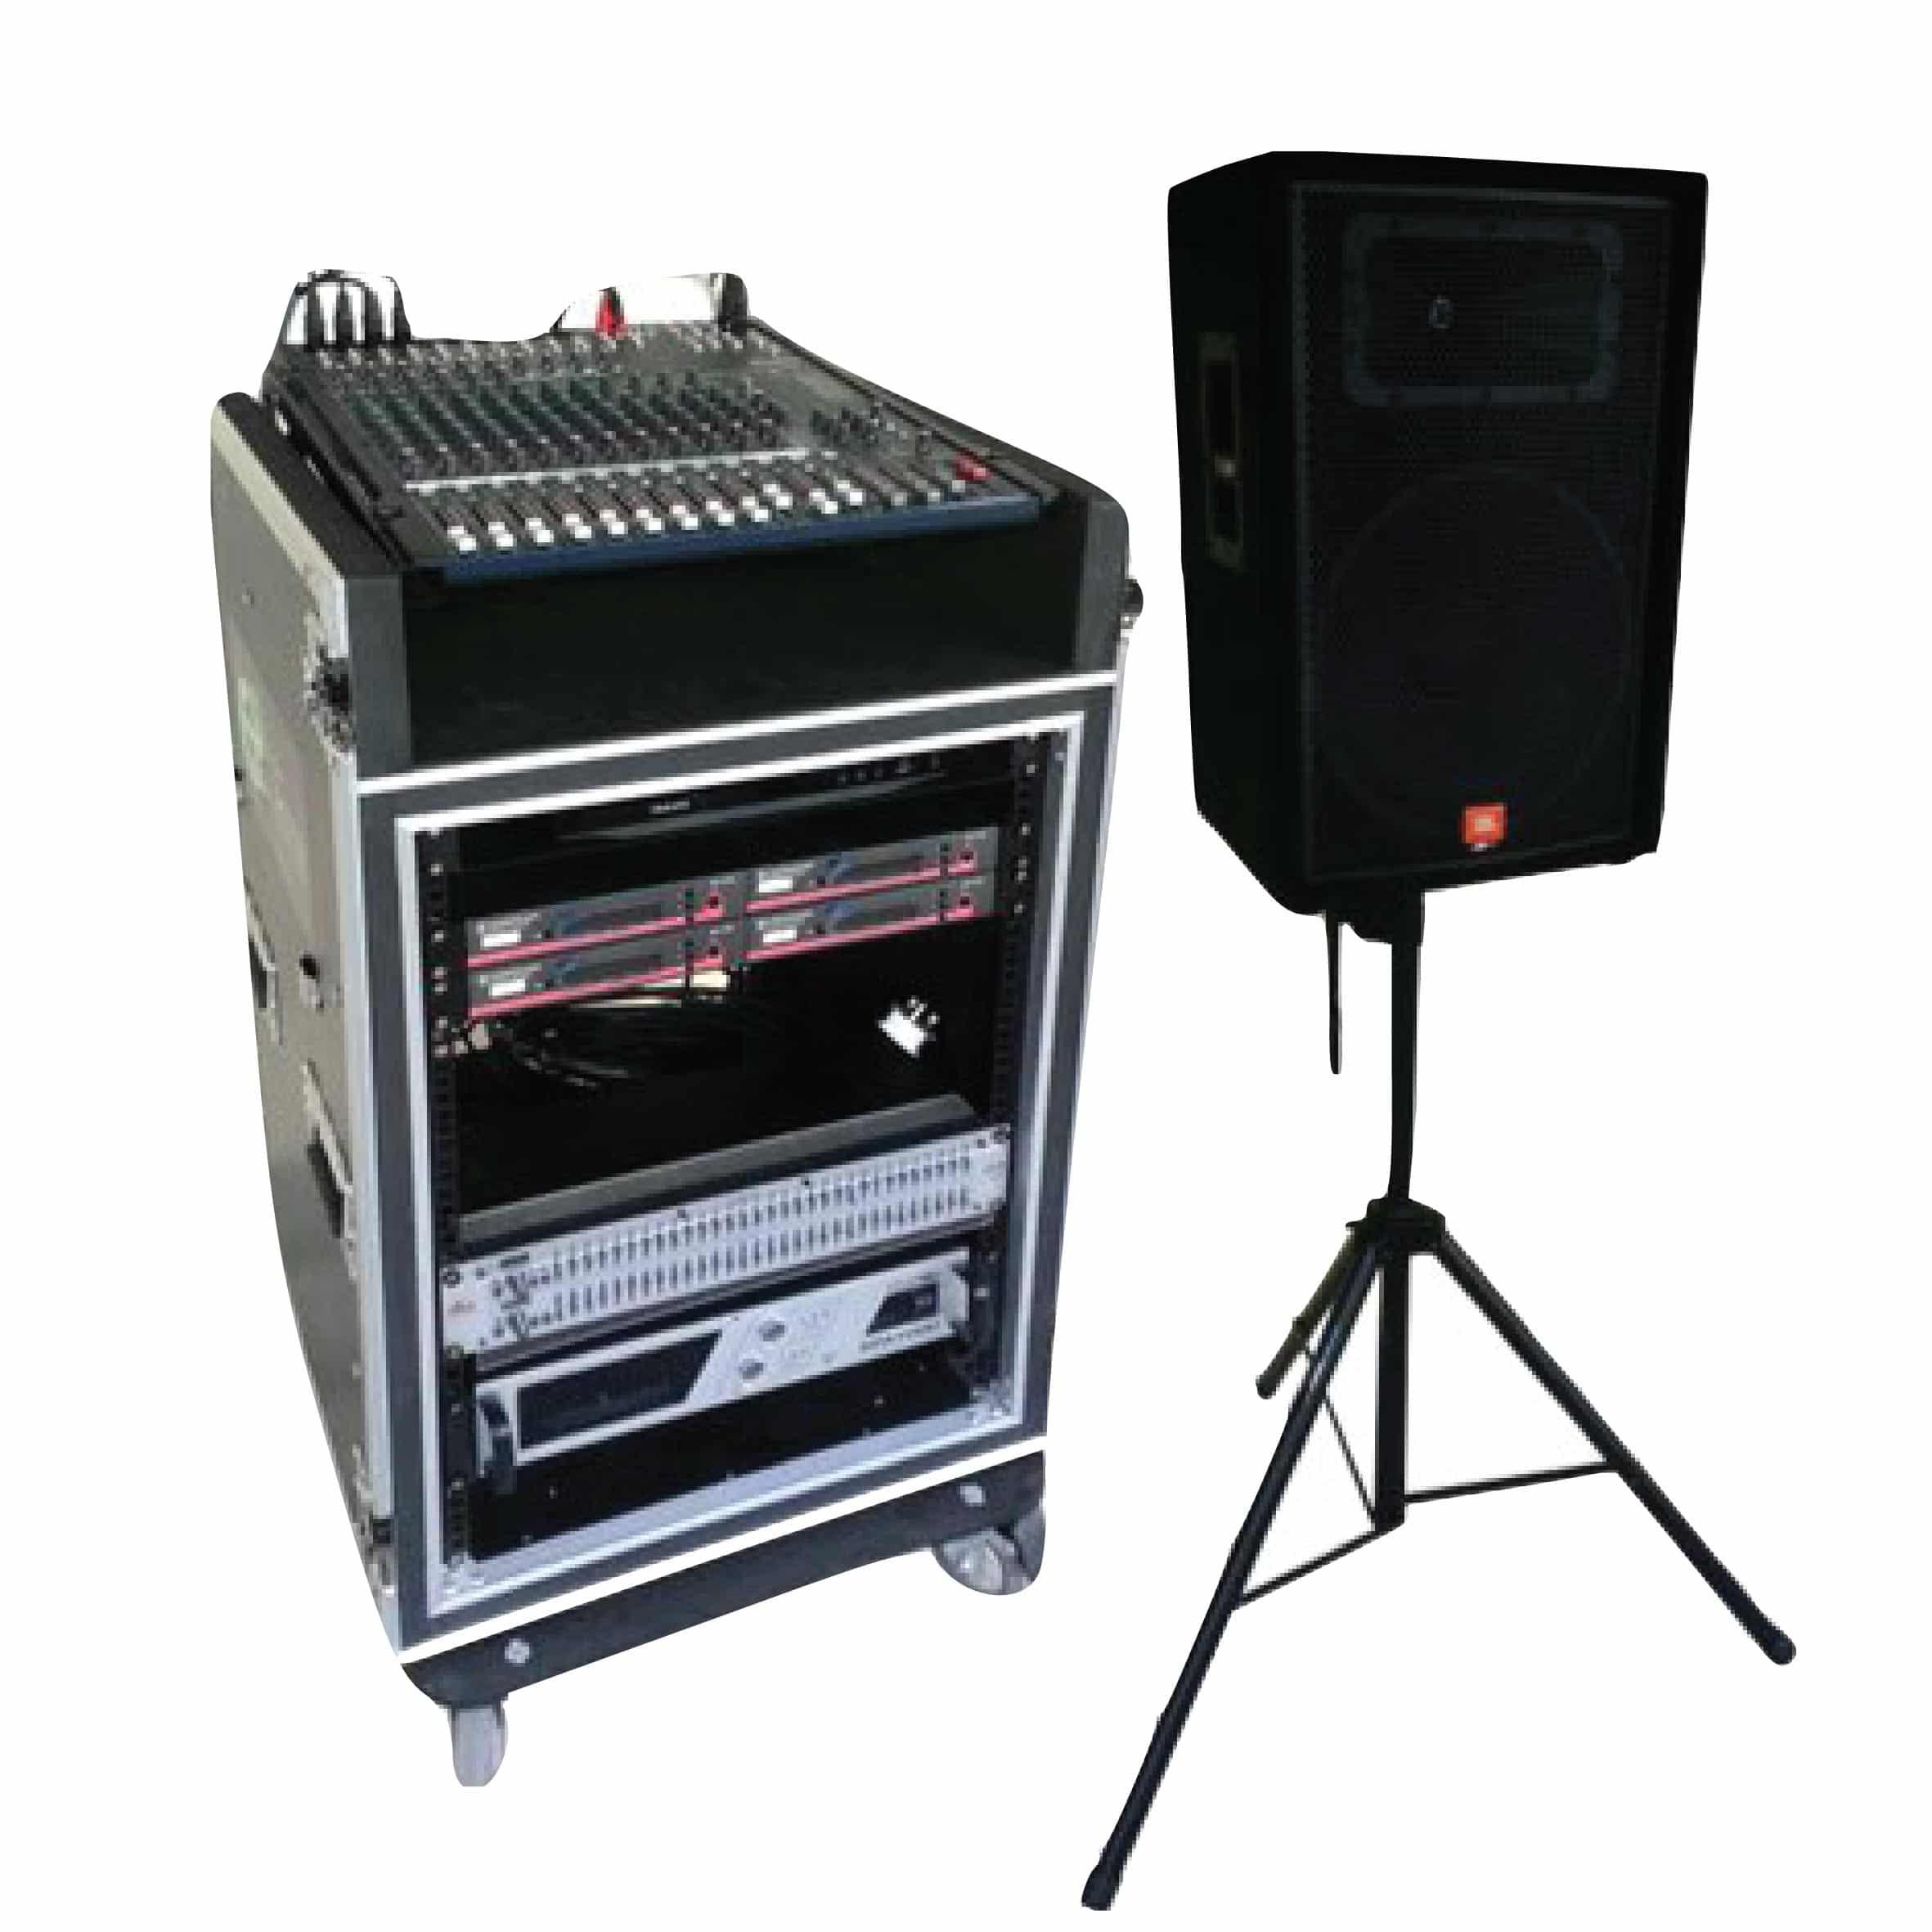 JBL Sound System Console Set